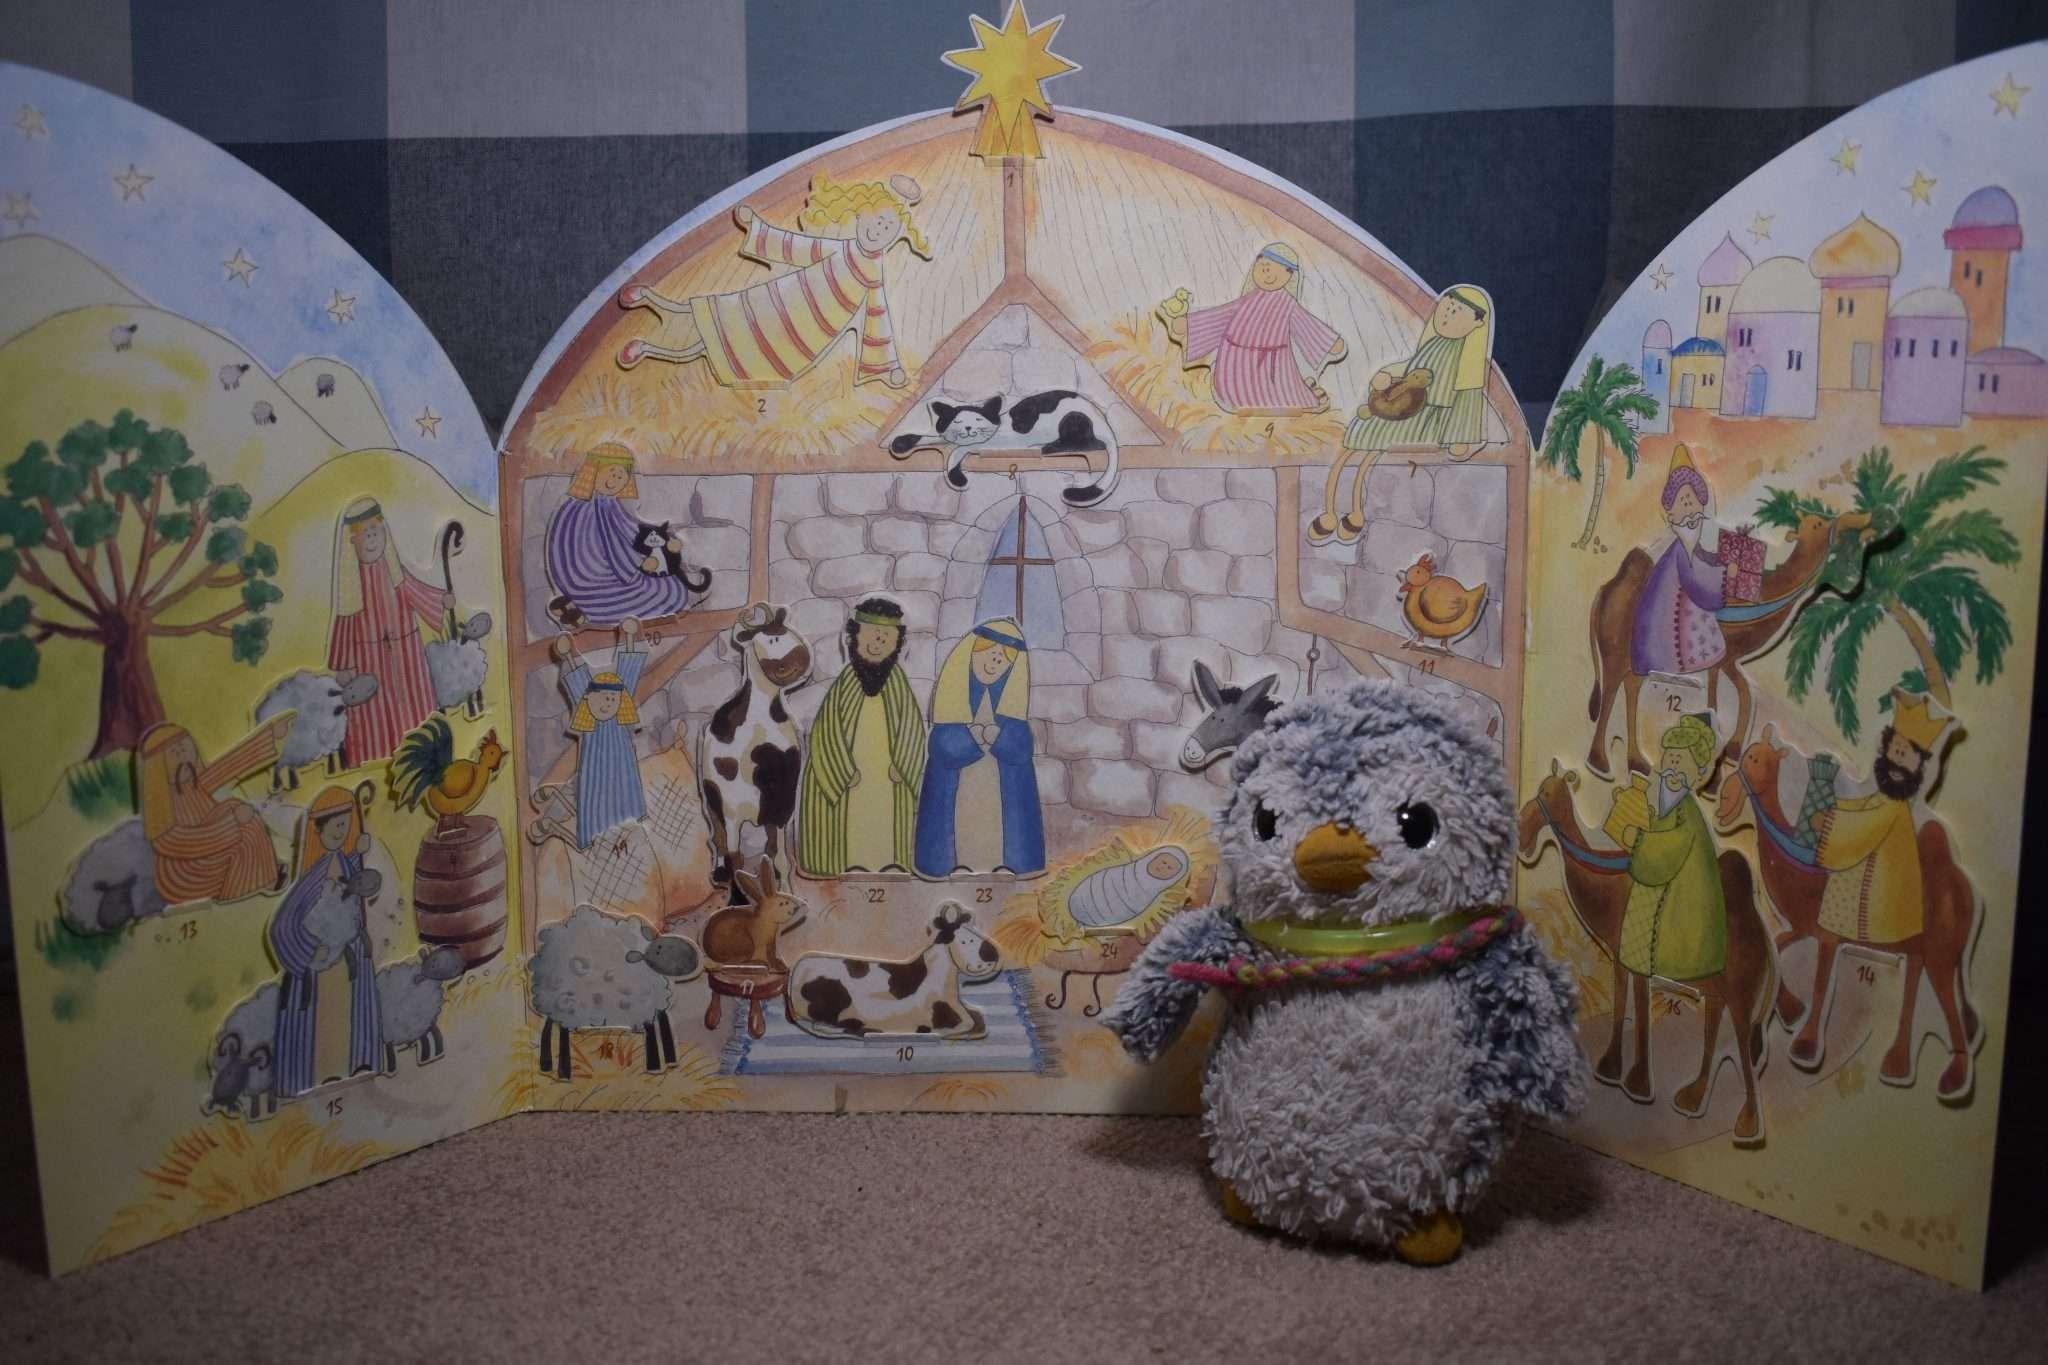 Praying the Christmas Story